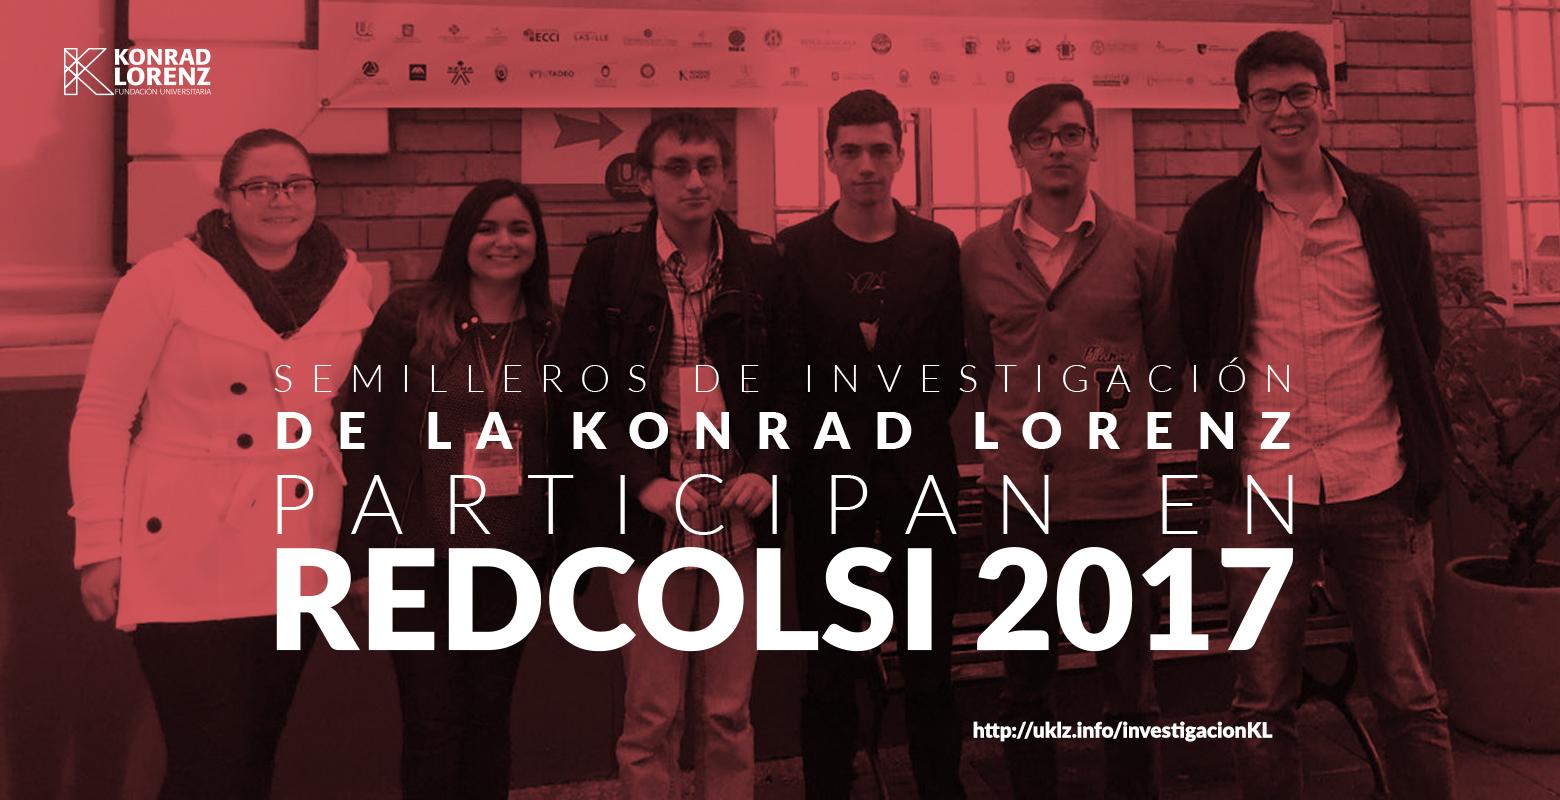 Miembros de semilleros de investigación de la Konrad Lorenz participan en Redcolsi 2017